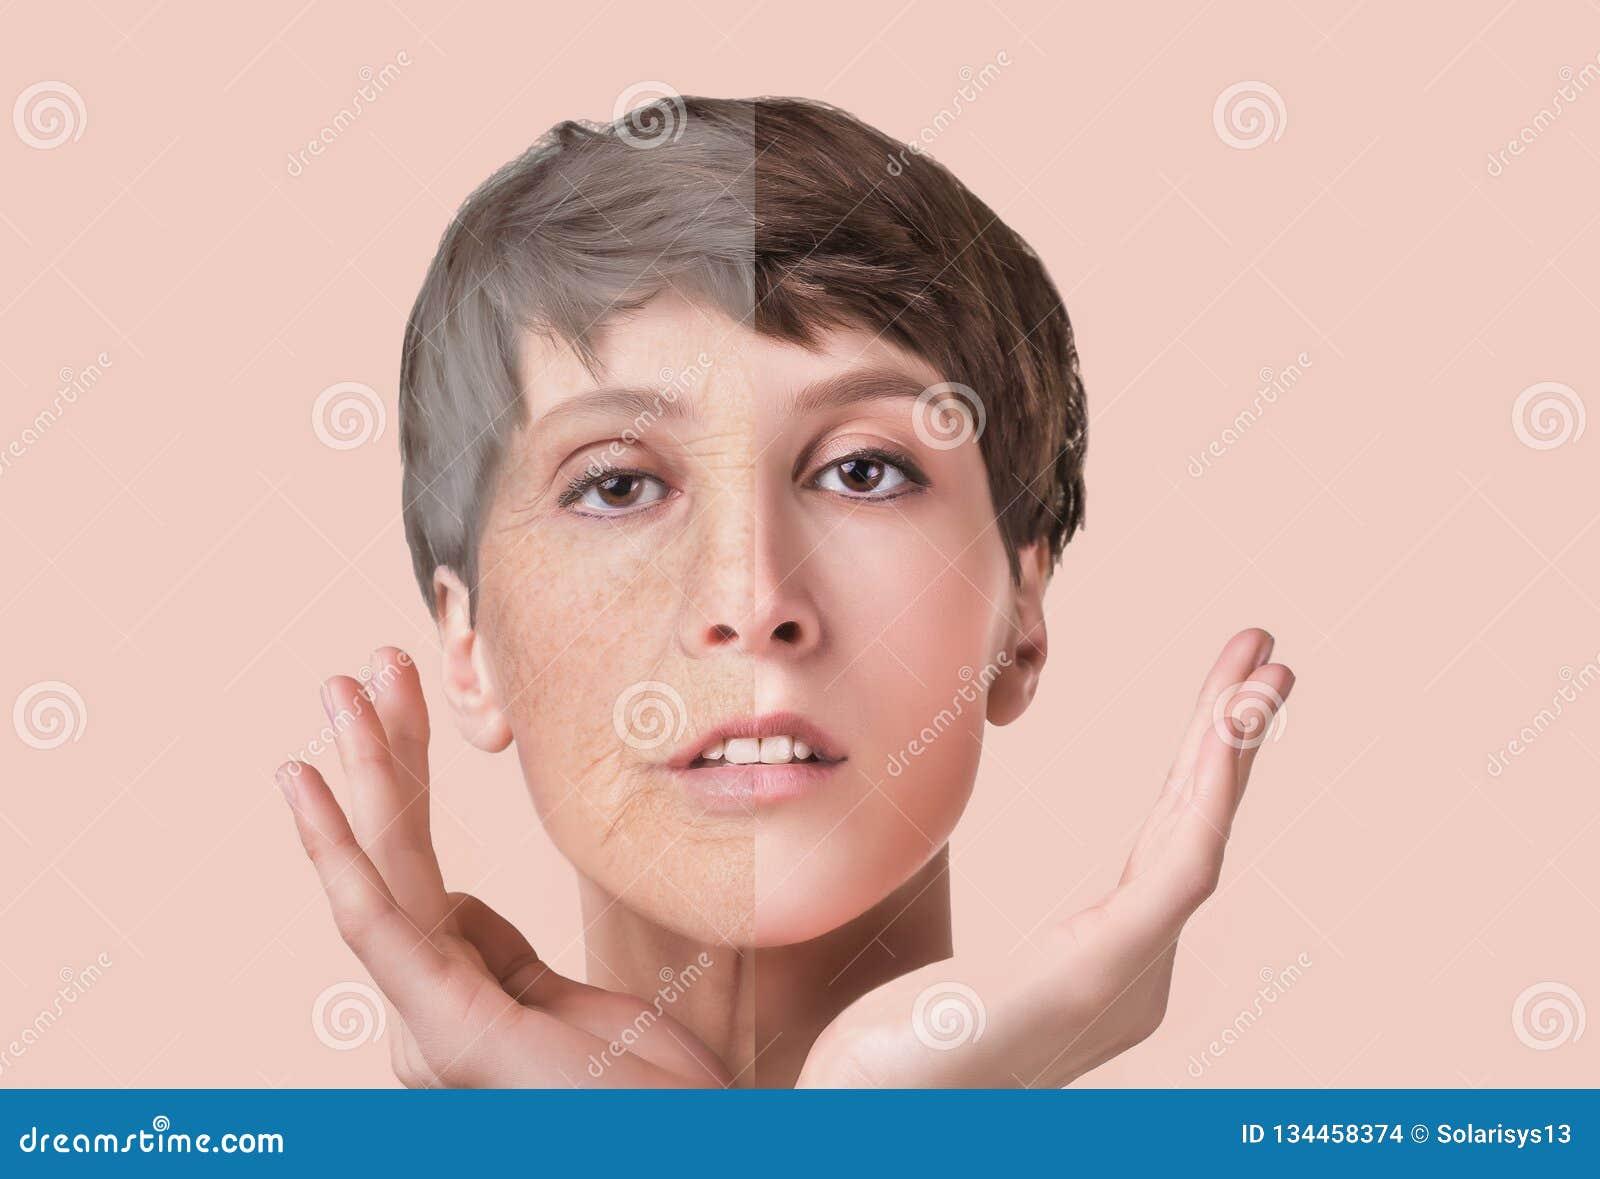 Traitement anti-vieillissement, de beauté, vieillissement et jeunesse, se soulevant, soins de la peau, concept de chirurgie plast